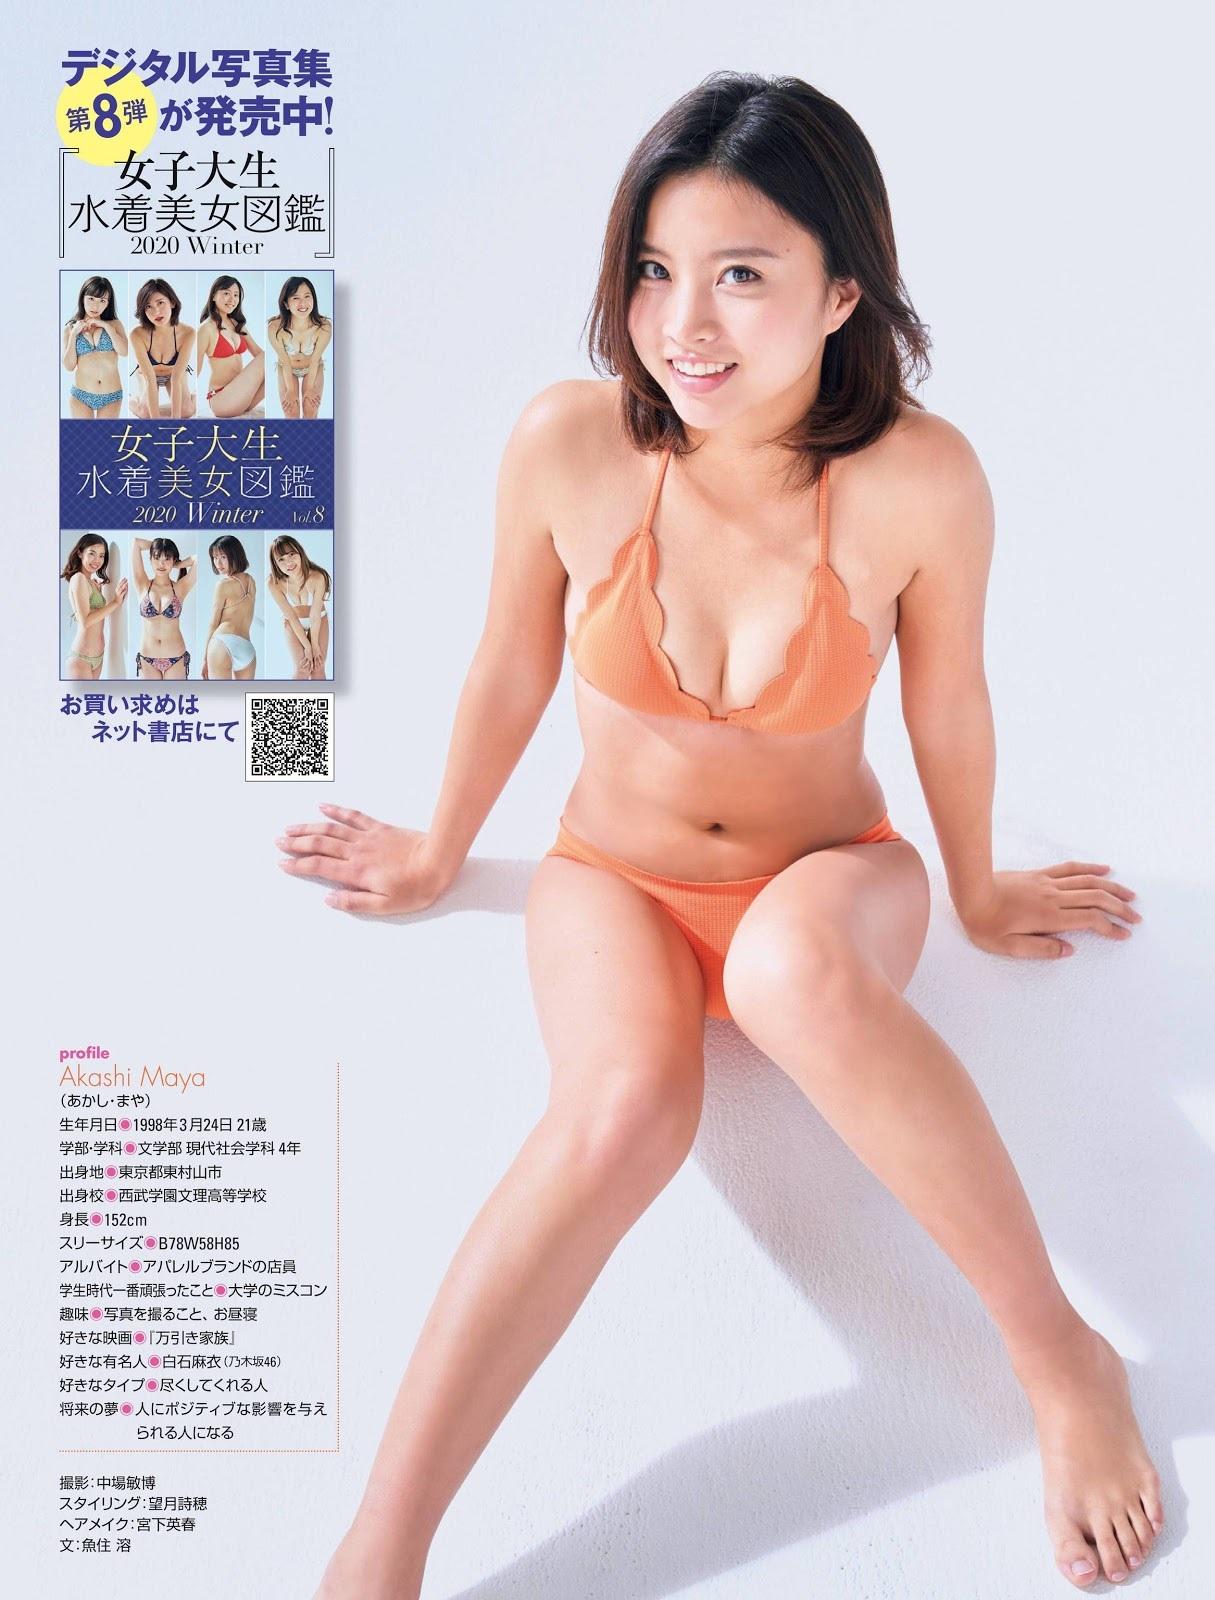 女子大生水着美女図鑑24